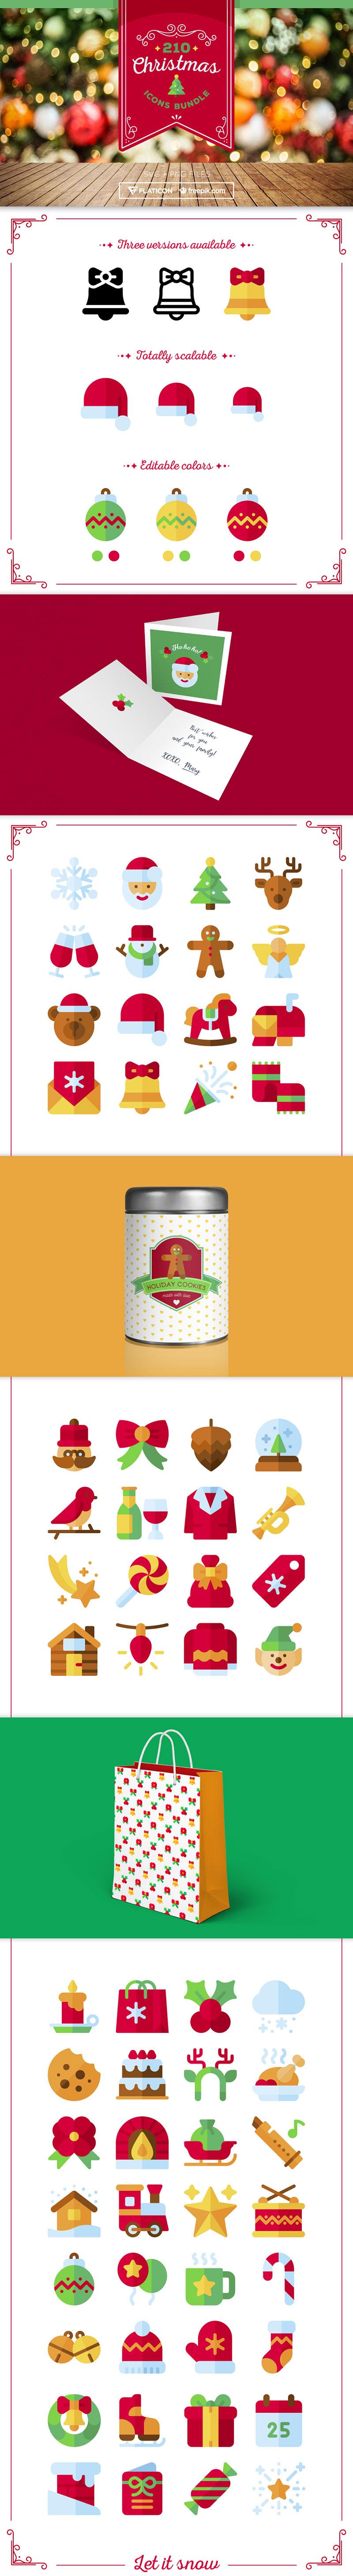 wordpress用户图像素材圣诞节风格